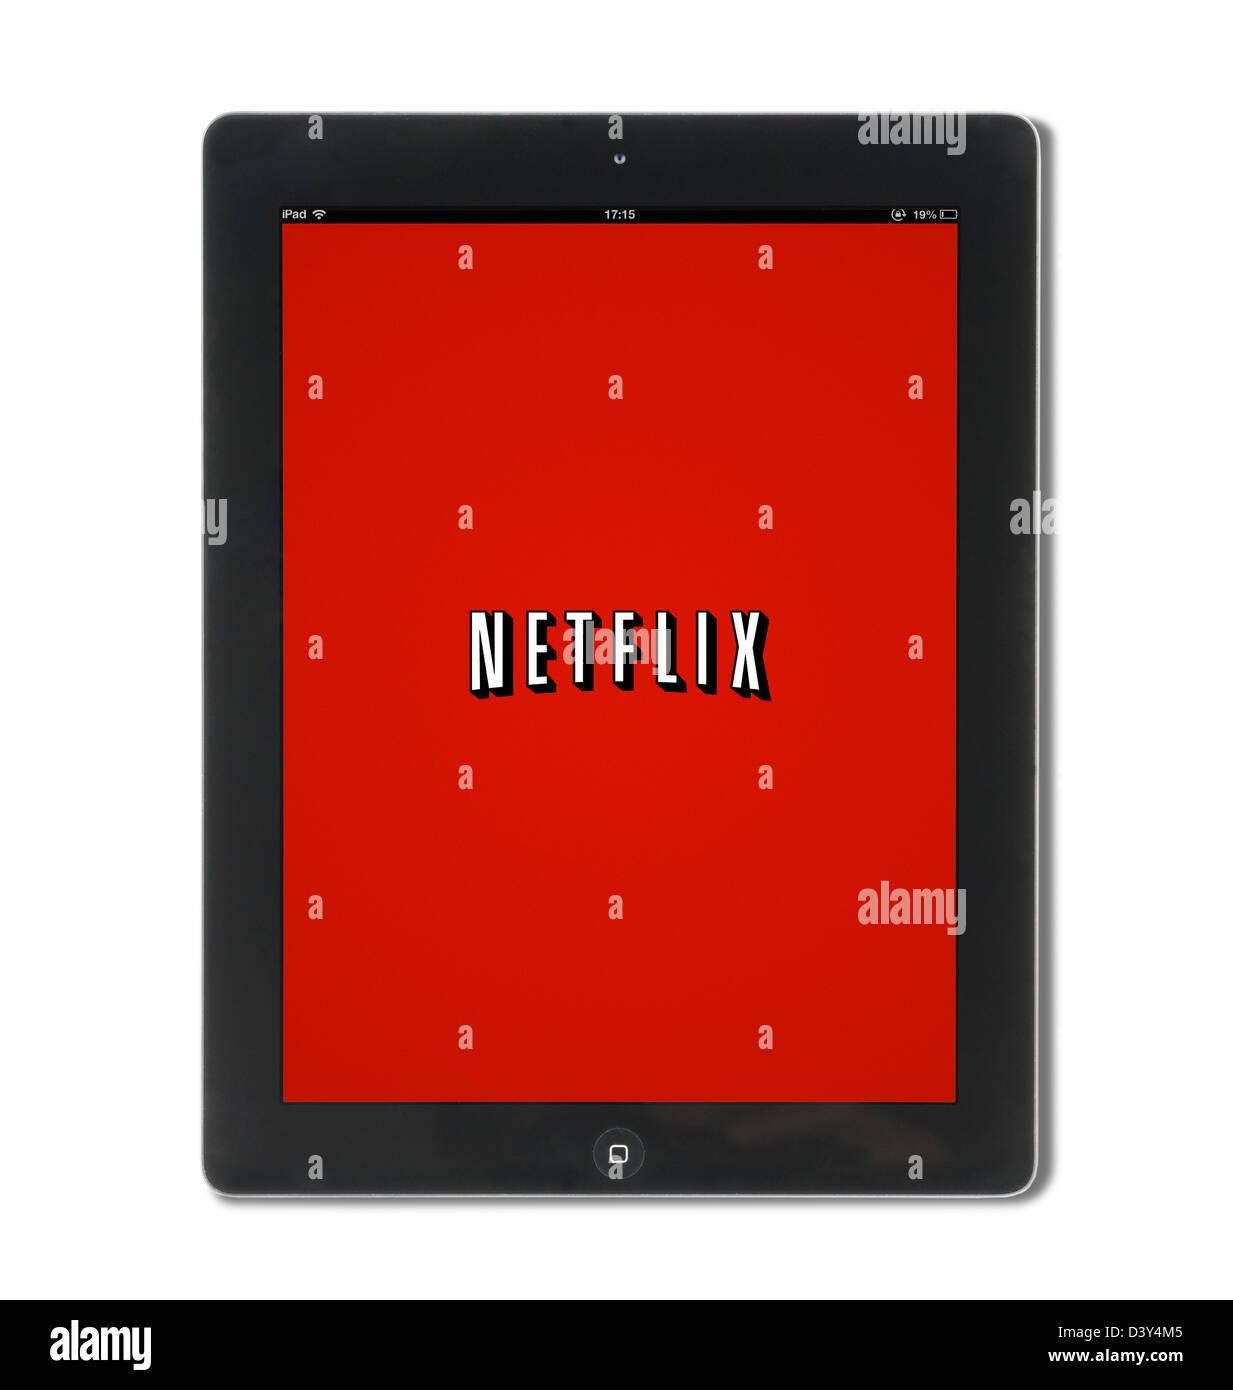 El sitio web de streaming de vídeo Netflix, verse en un iPad de 4ª generación, REINO UNIDO Imagen De Stock